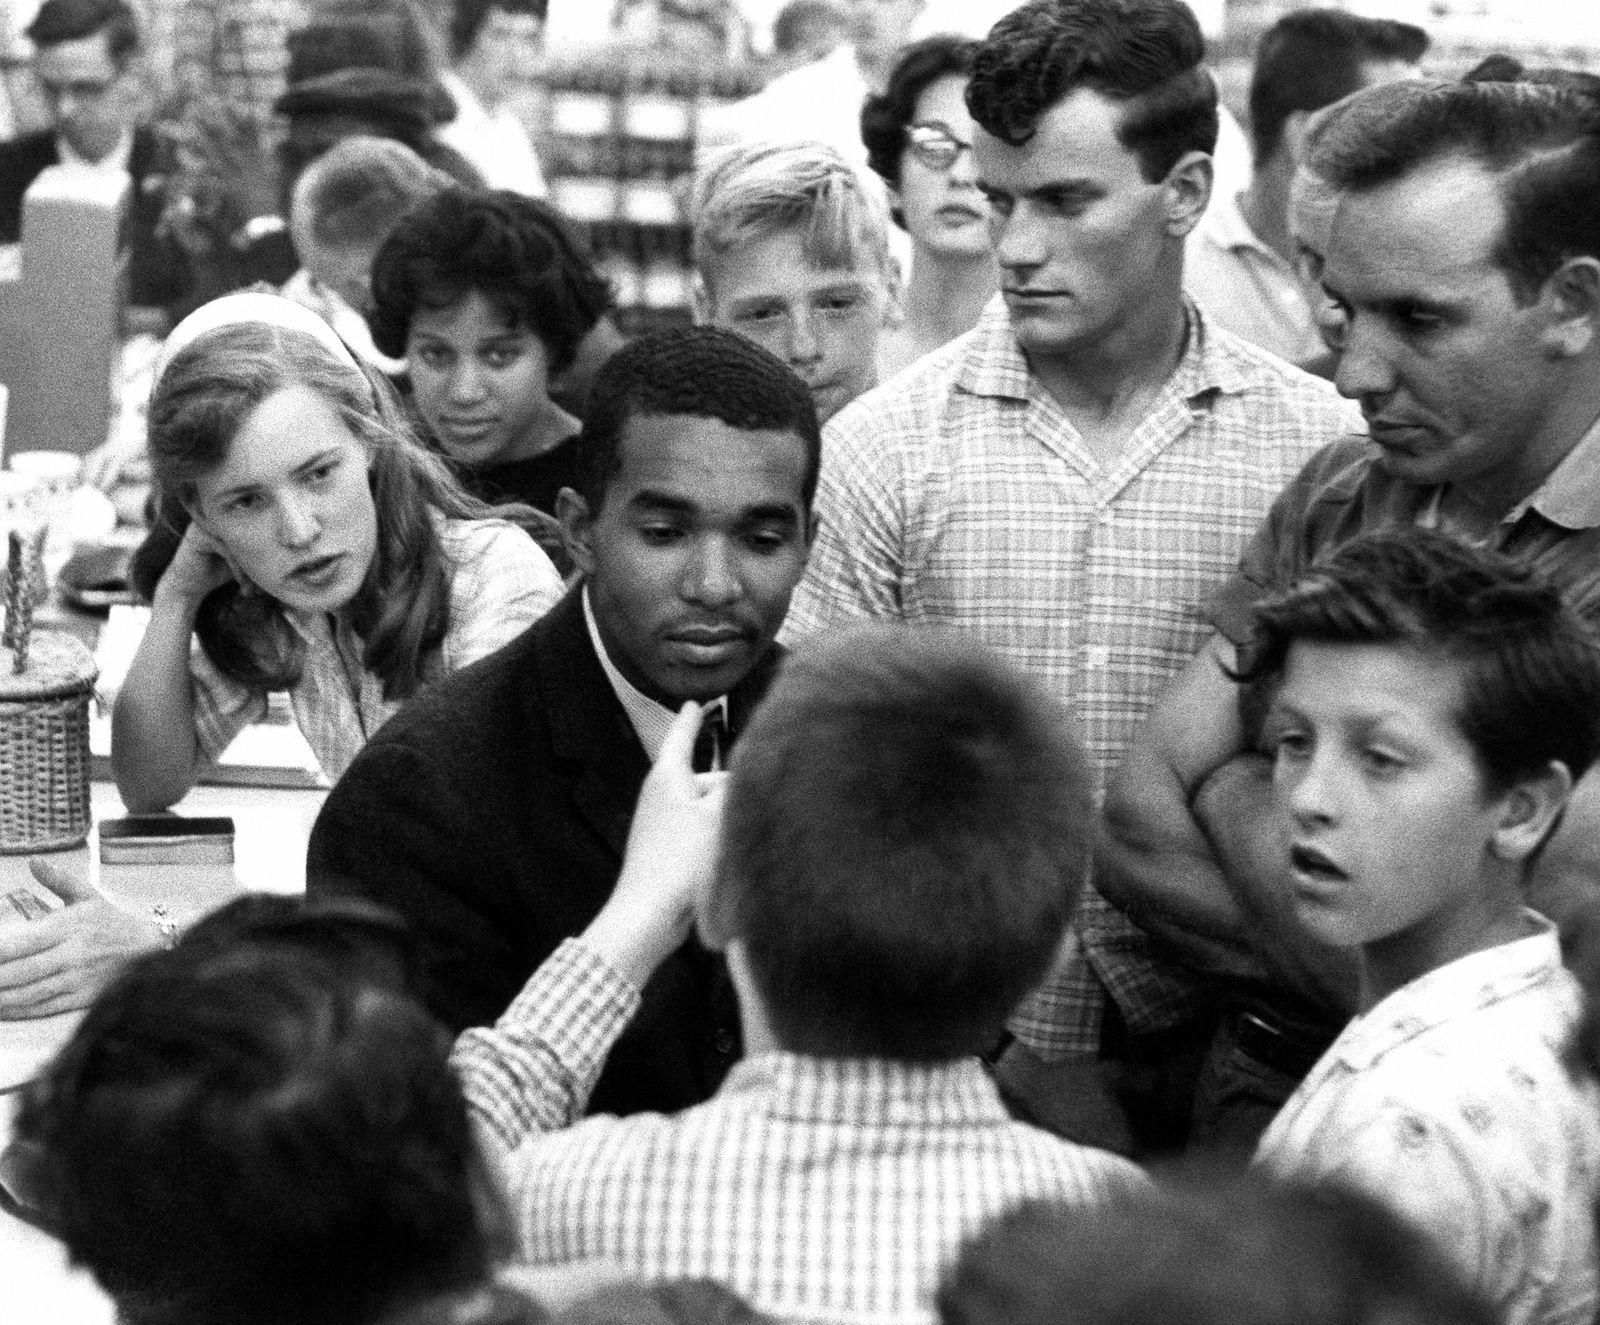 Civil Rights Integration